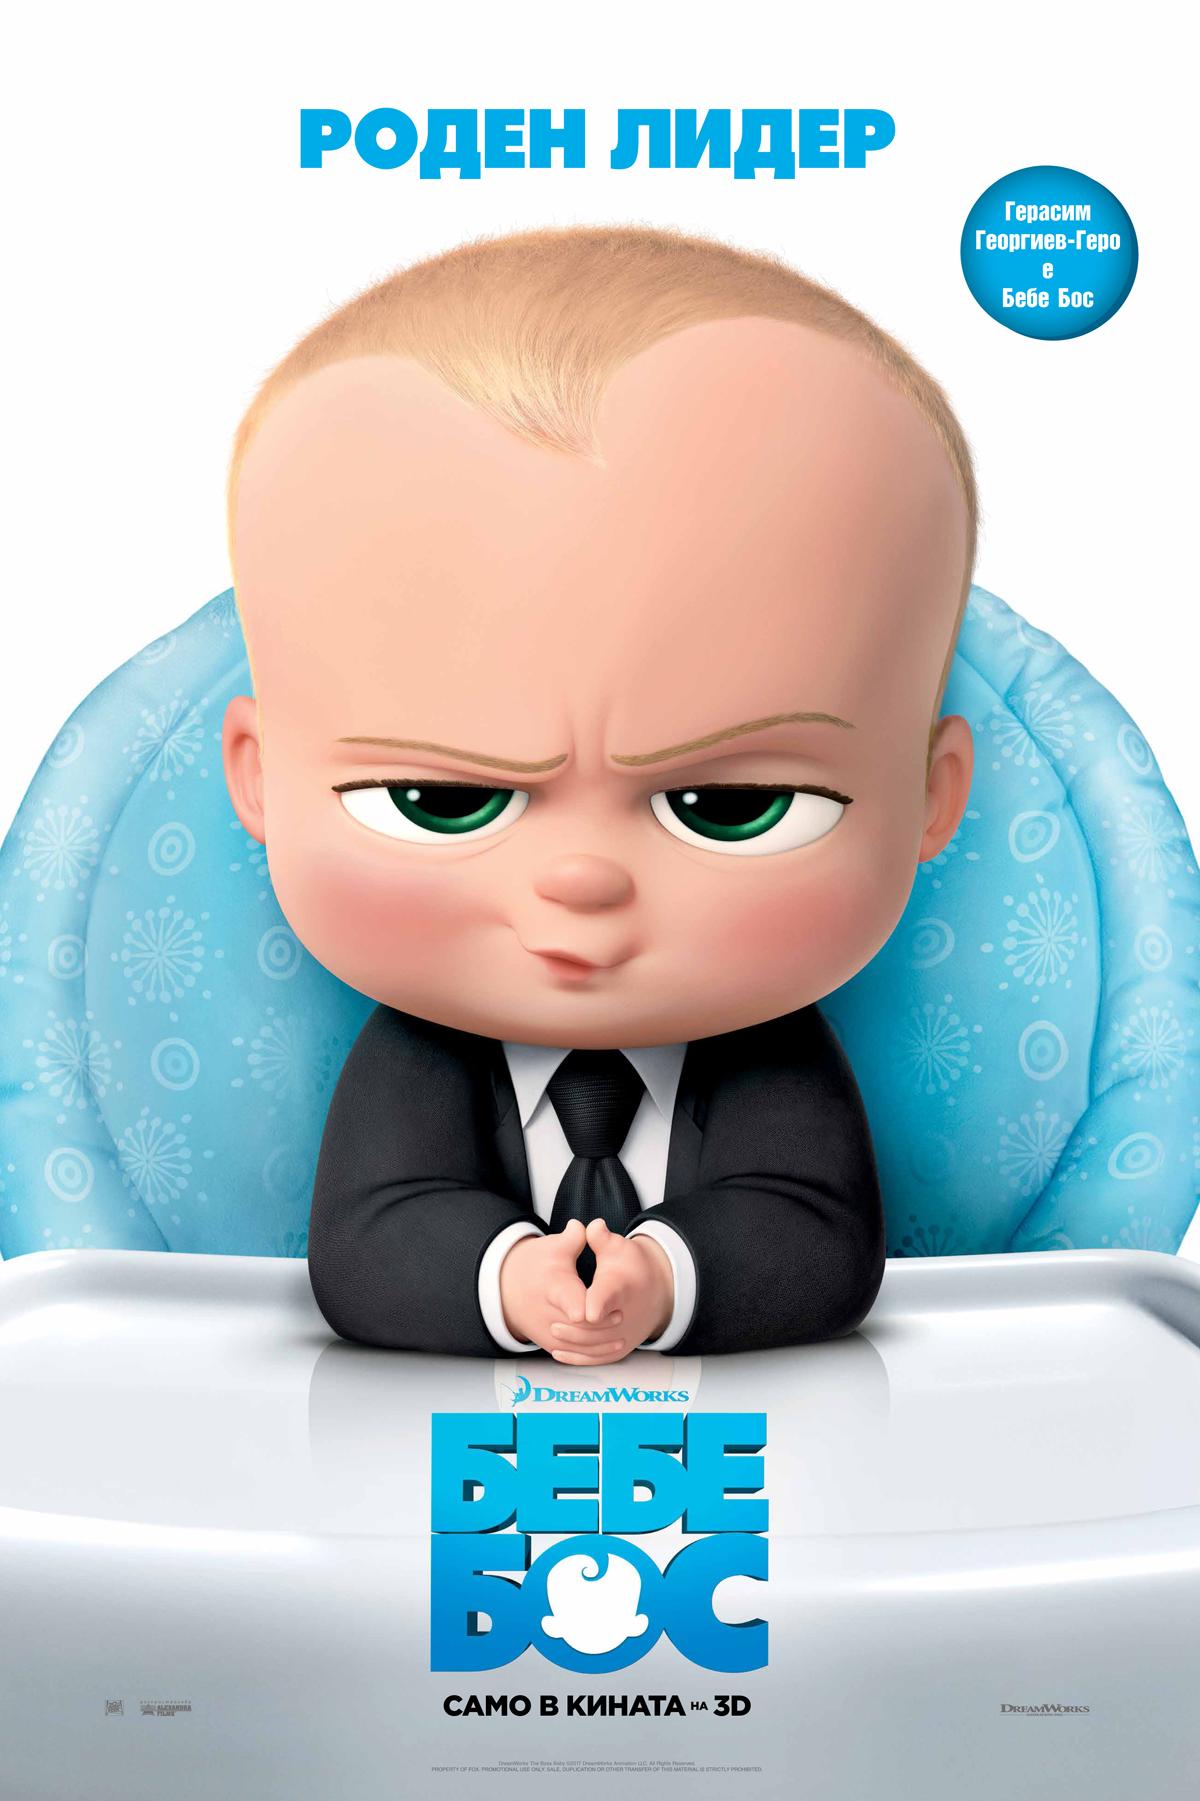 Бебе Бос 2D